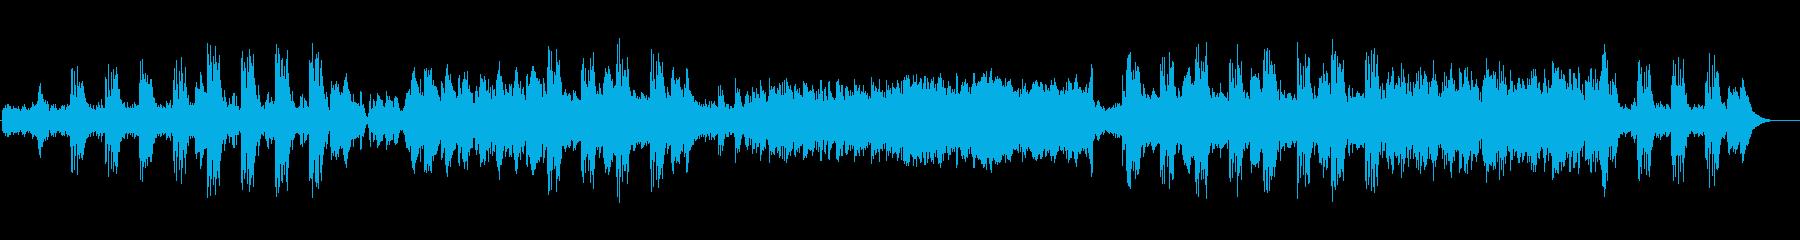 歴史/ドキュメント向けサウンドの再生済みの波形